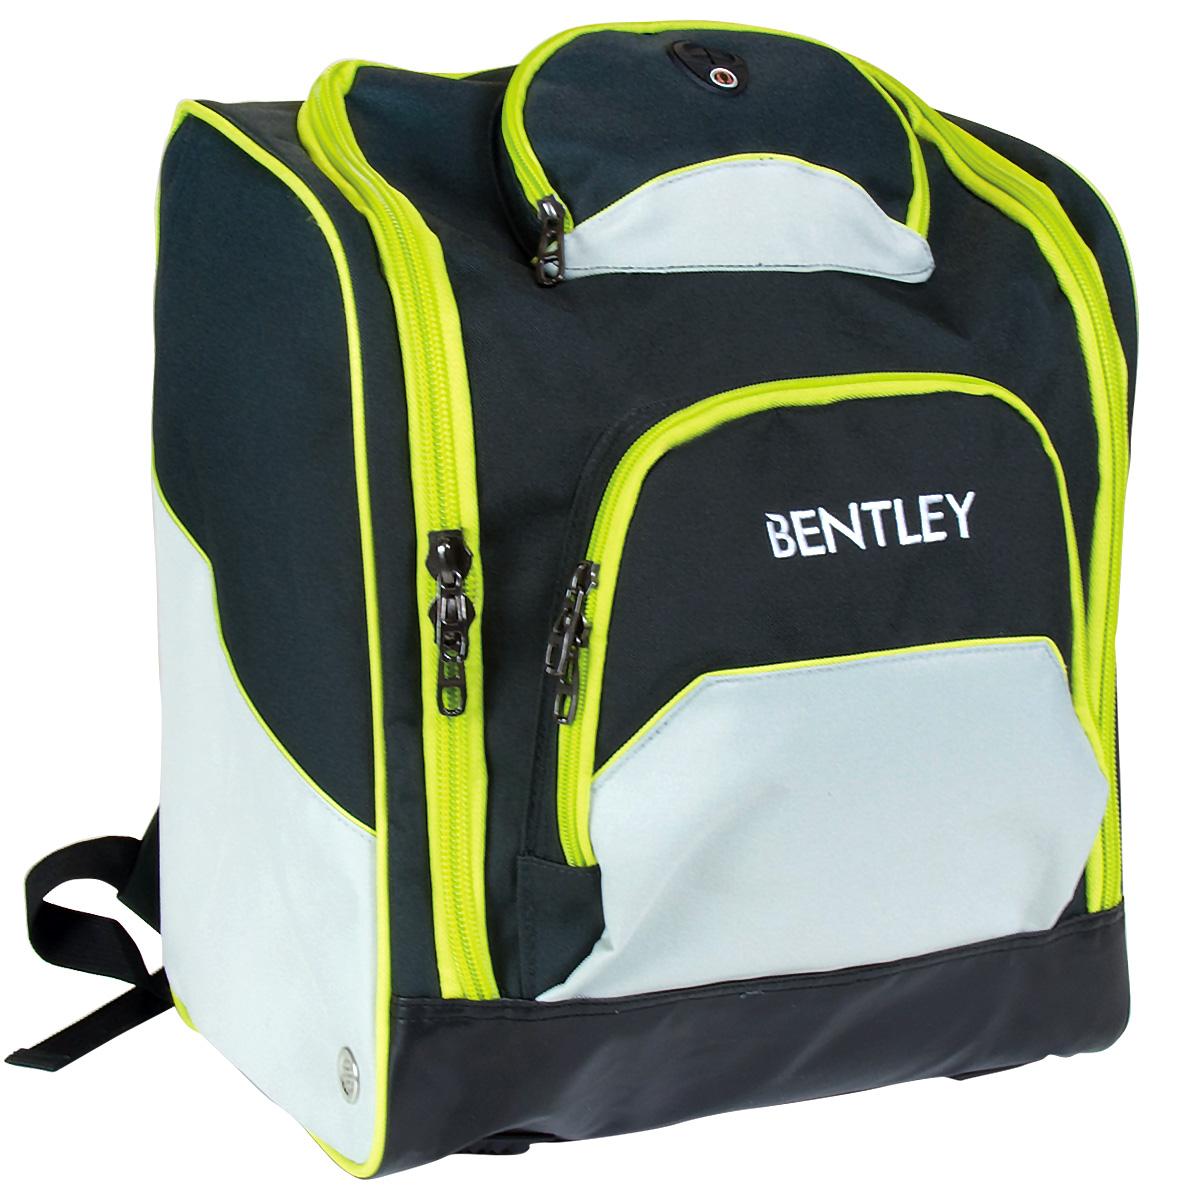 bentley skistiefel tasche rucksack deluxe blau oder rosa schwarz kariert ebay. Black Bedroom Furniture Sets. Home Design Ideas